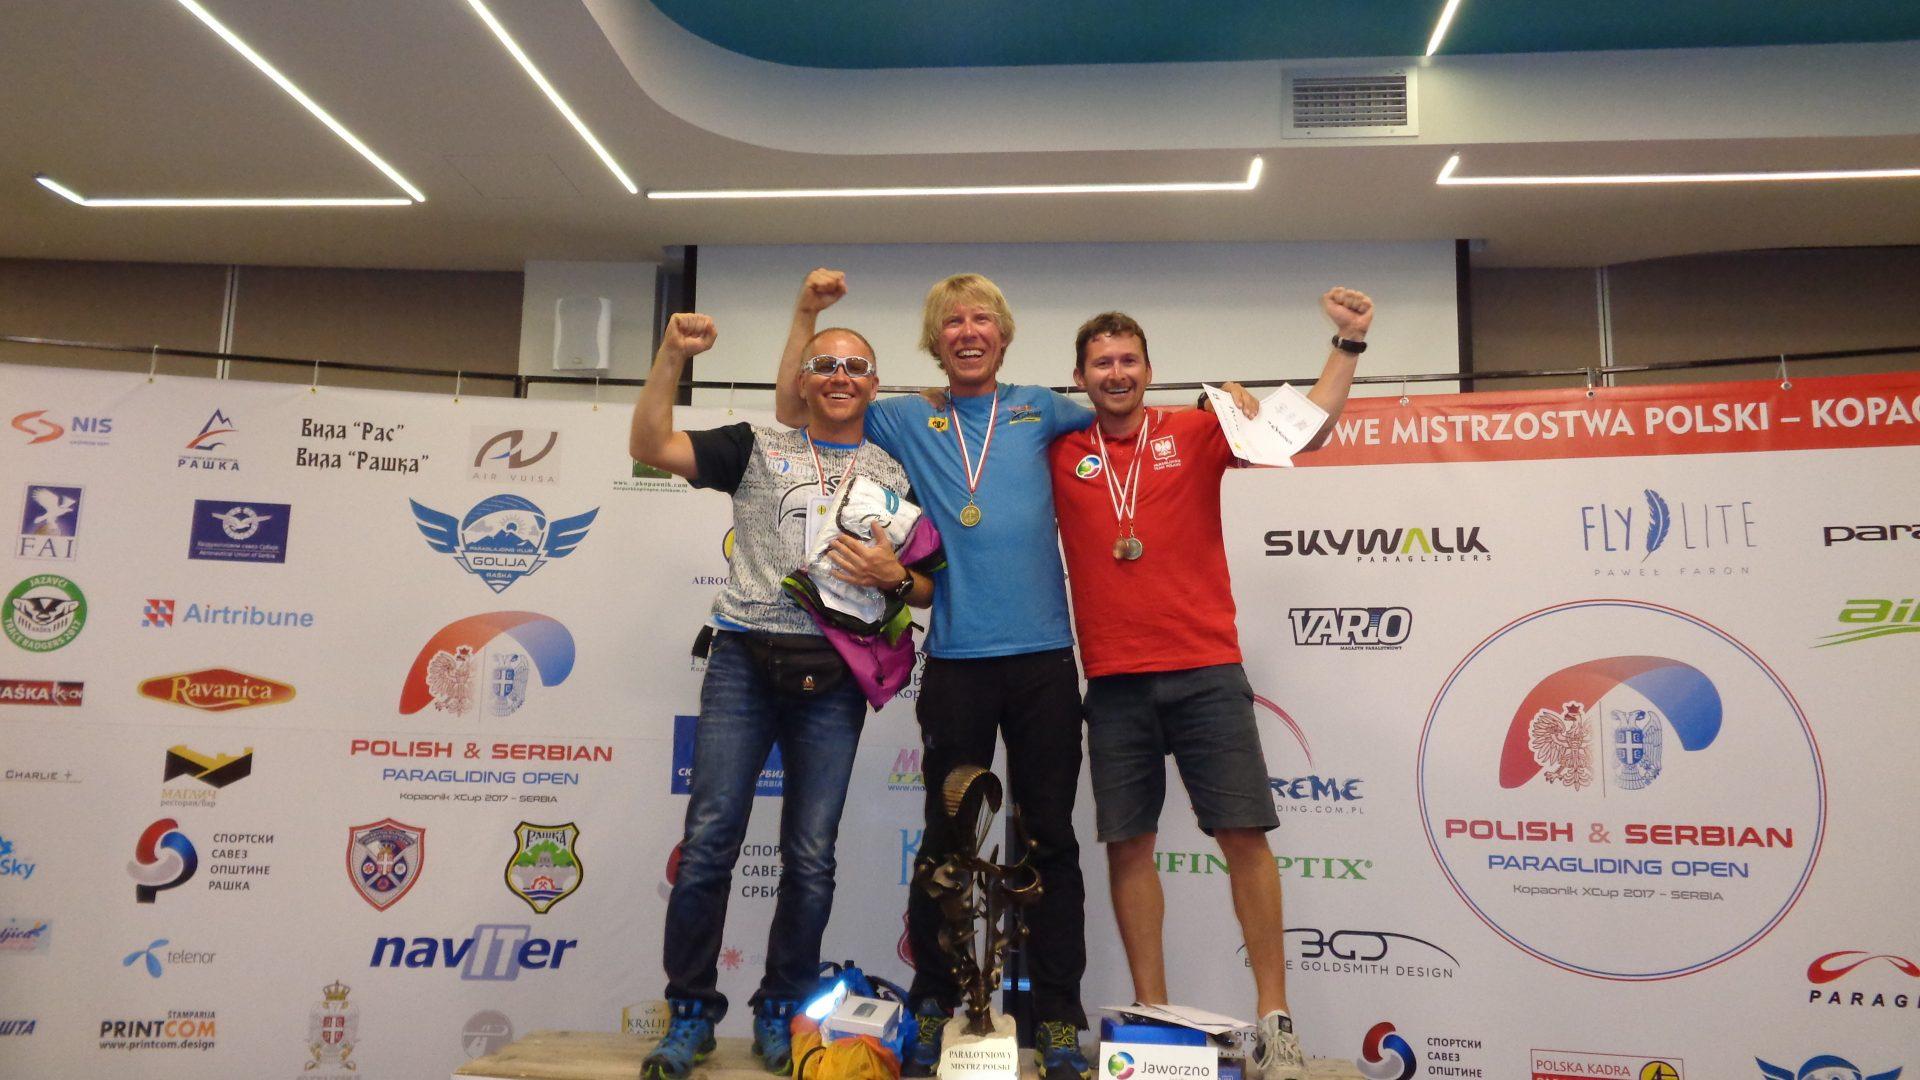 Paralotniowe Mistrzostwa Polski 2017 - zwycięzcy